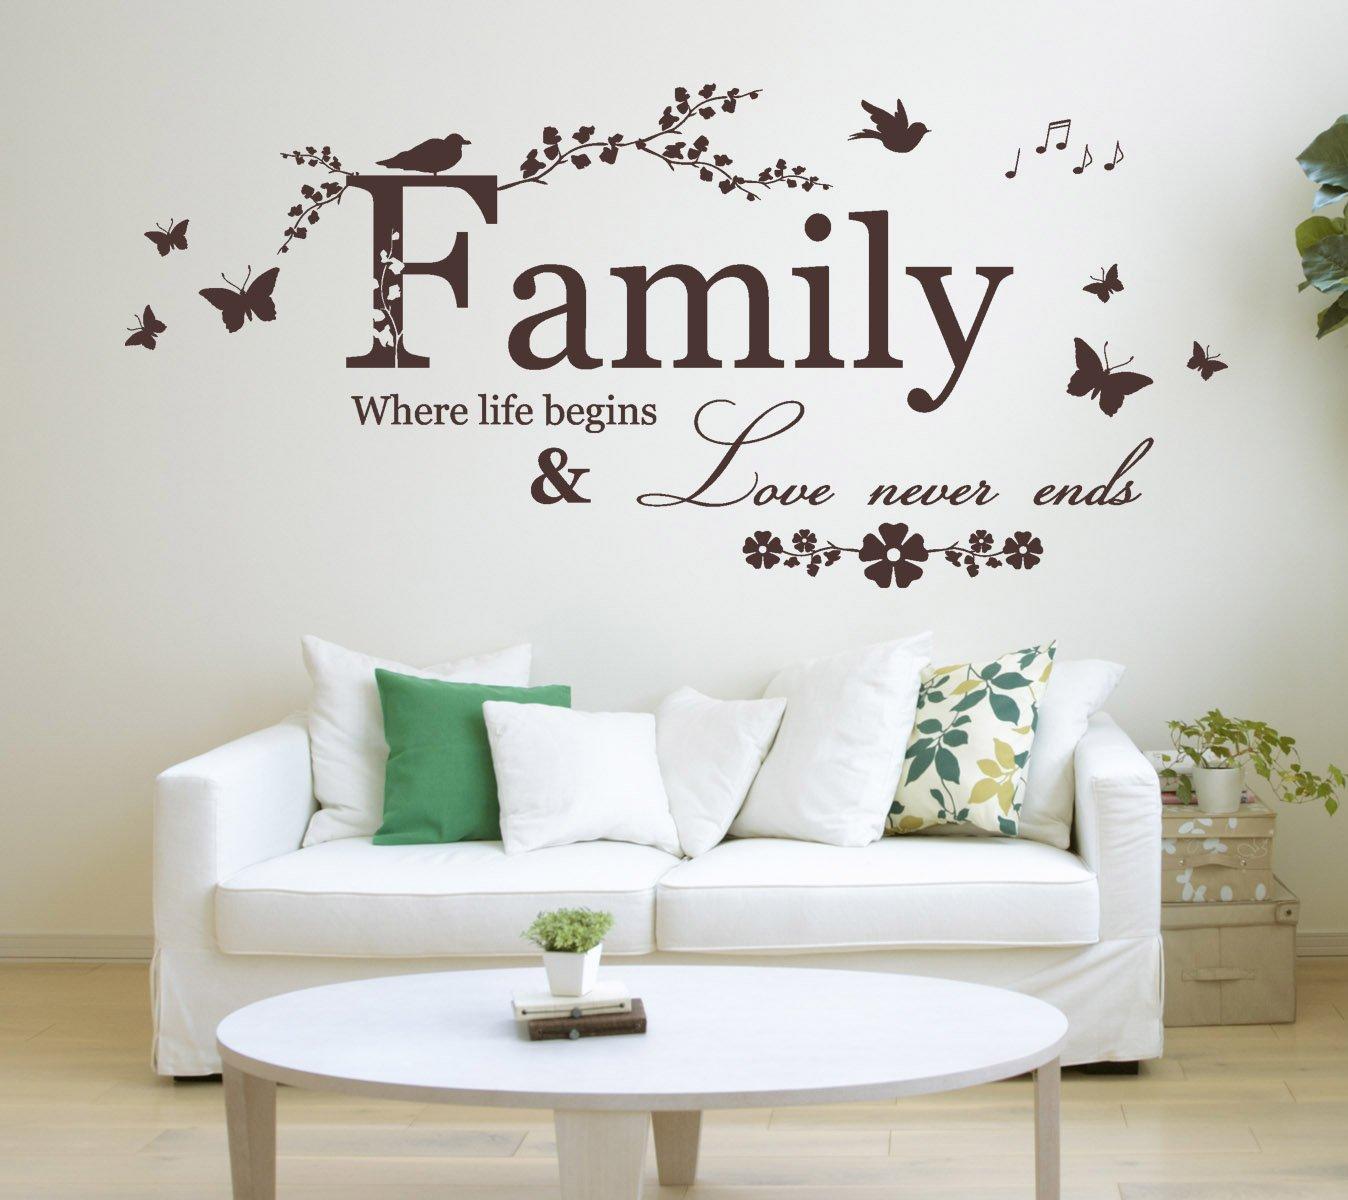 'Family, Where life begins & Love never ends' Citazione, adesivo muro in vinile arte. Murale, decalcomania. Casa, muro, decor. Soggiorno, camera da letto, Sala da pranzo 'Family